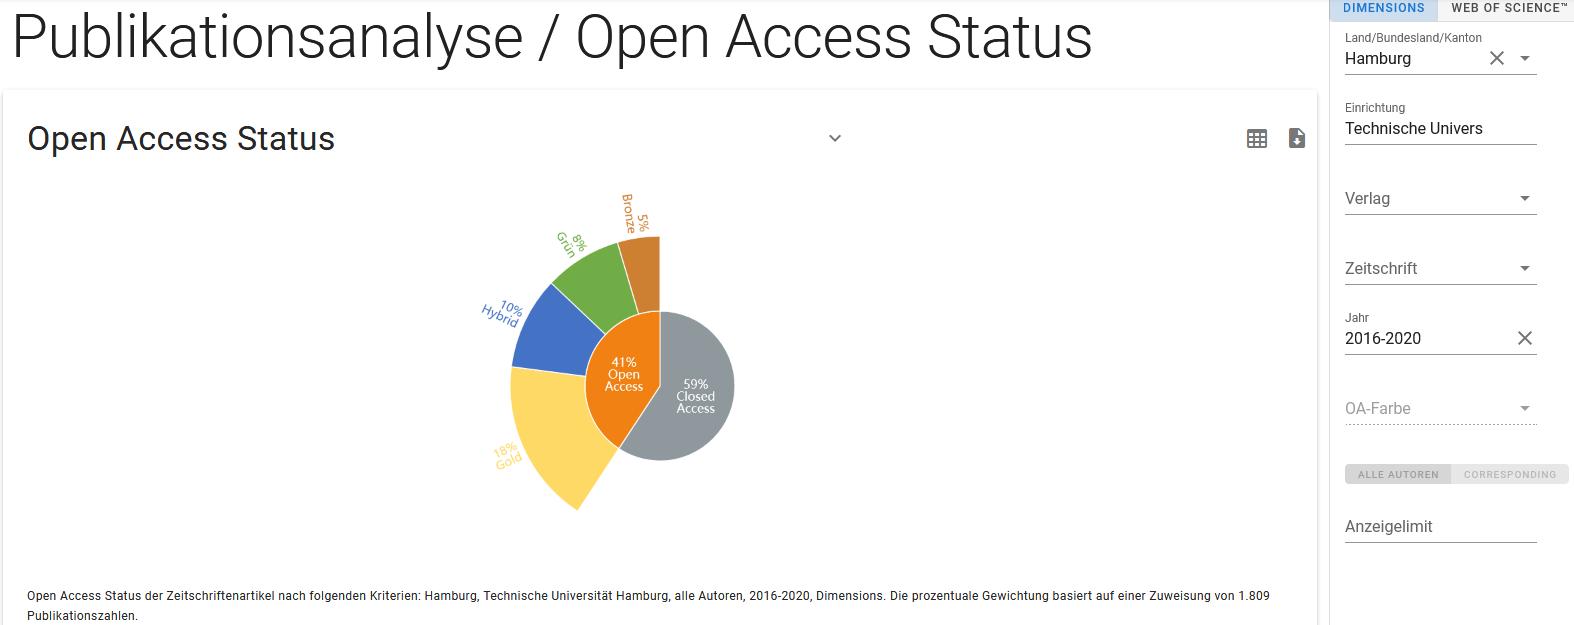 Open Access Status TUHH 2016-2020